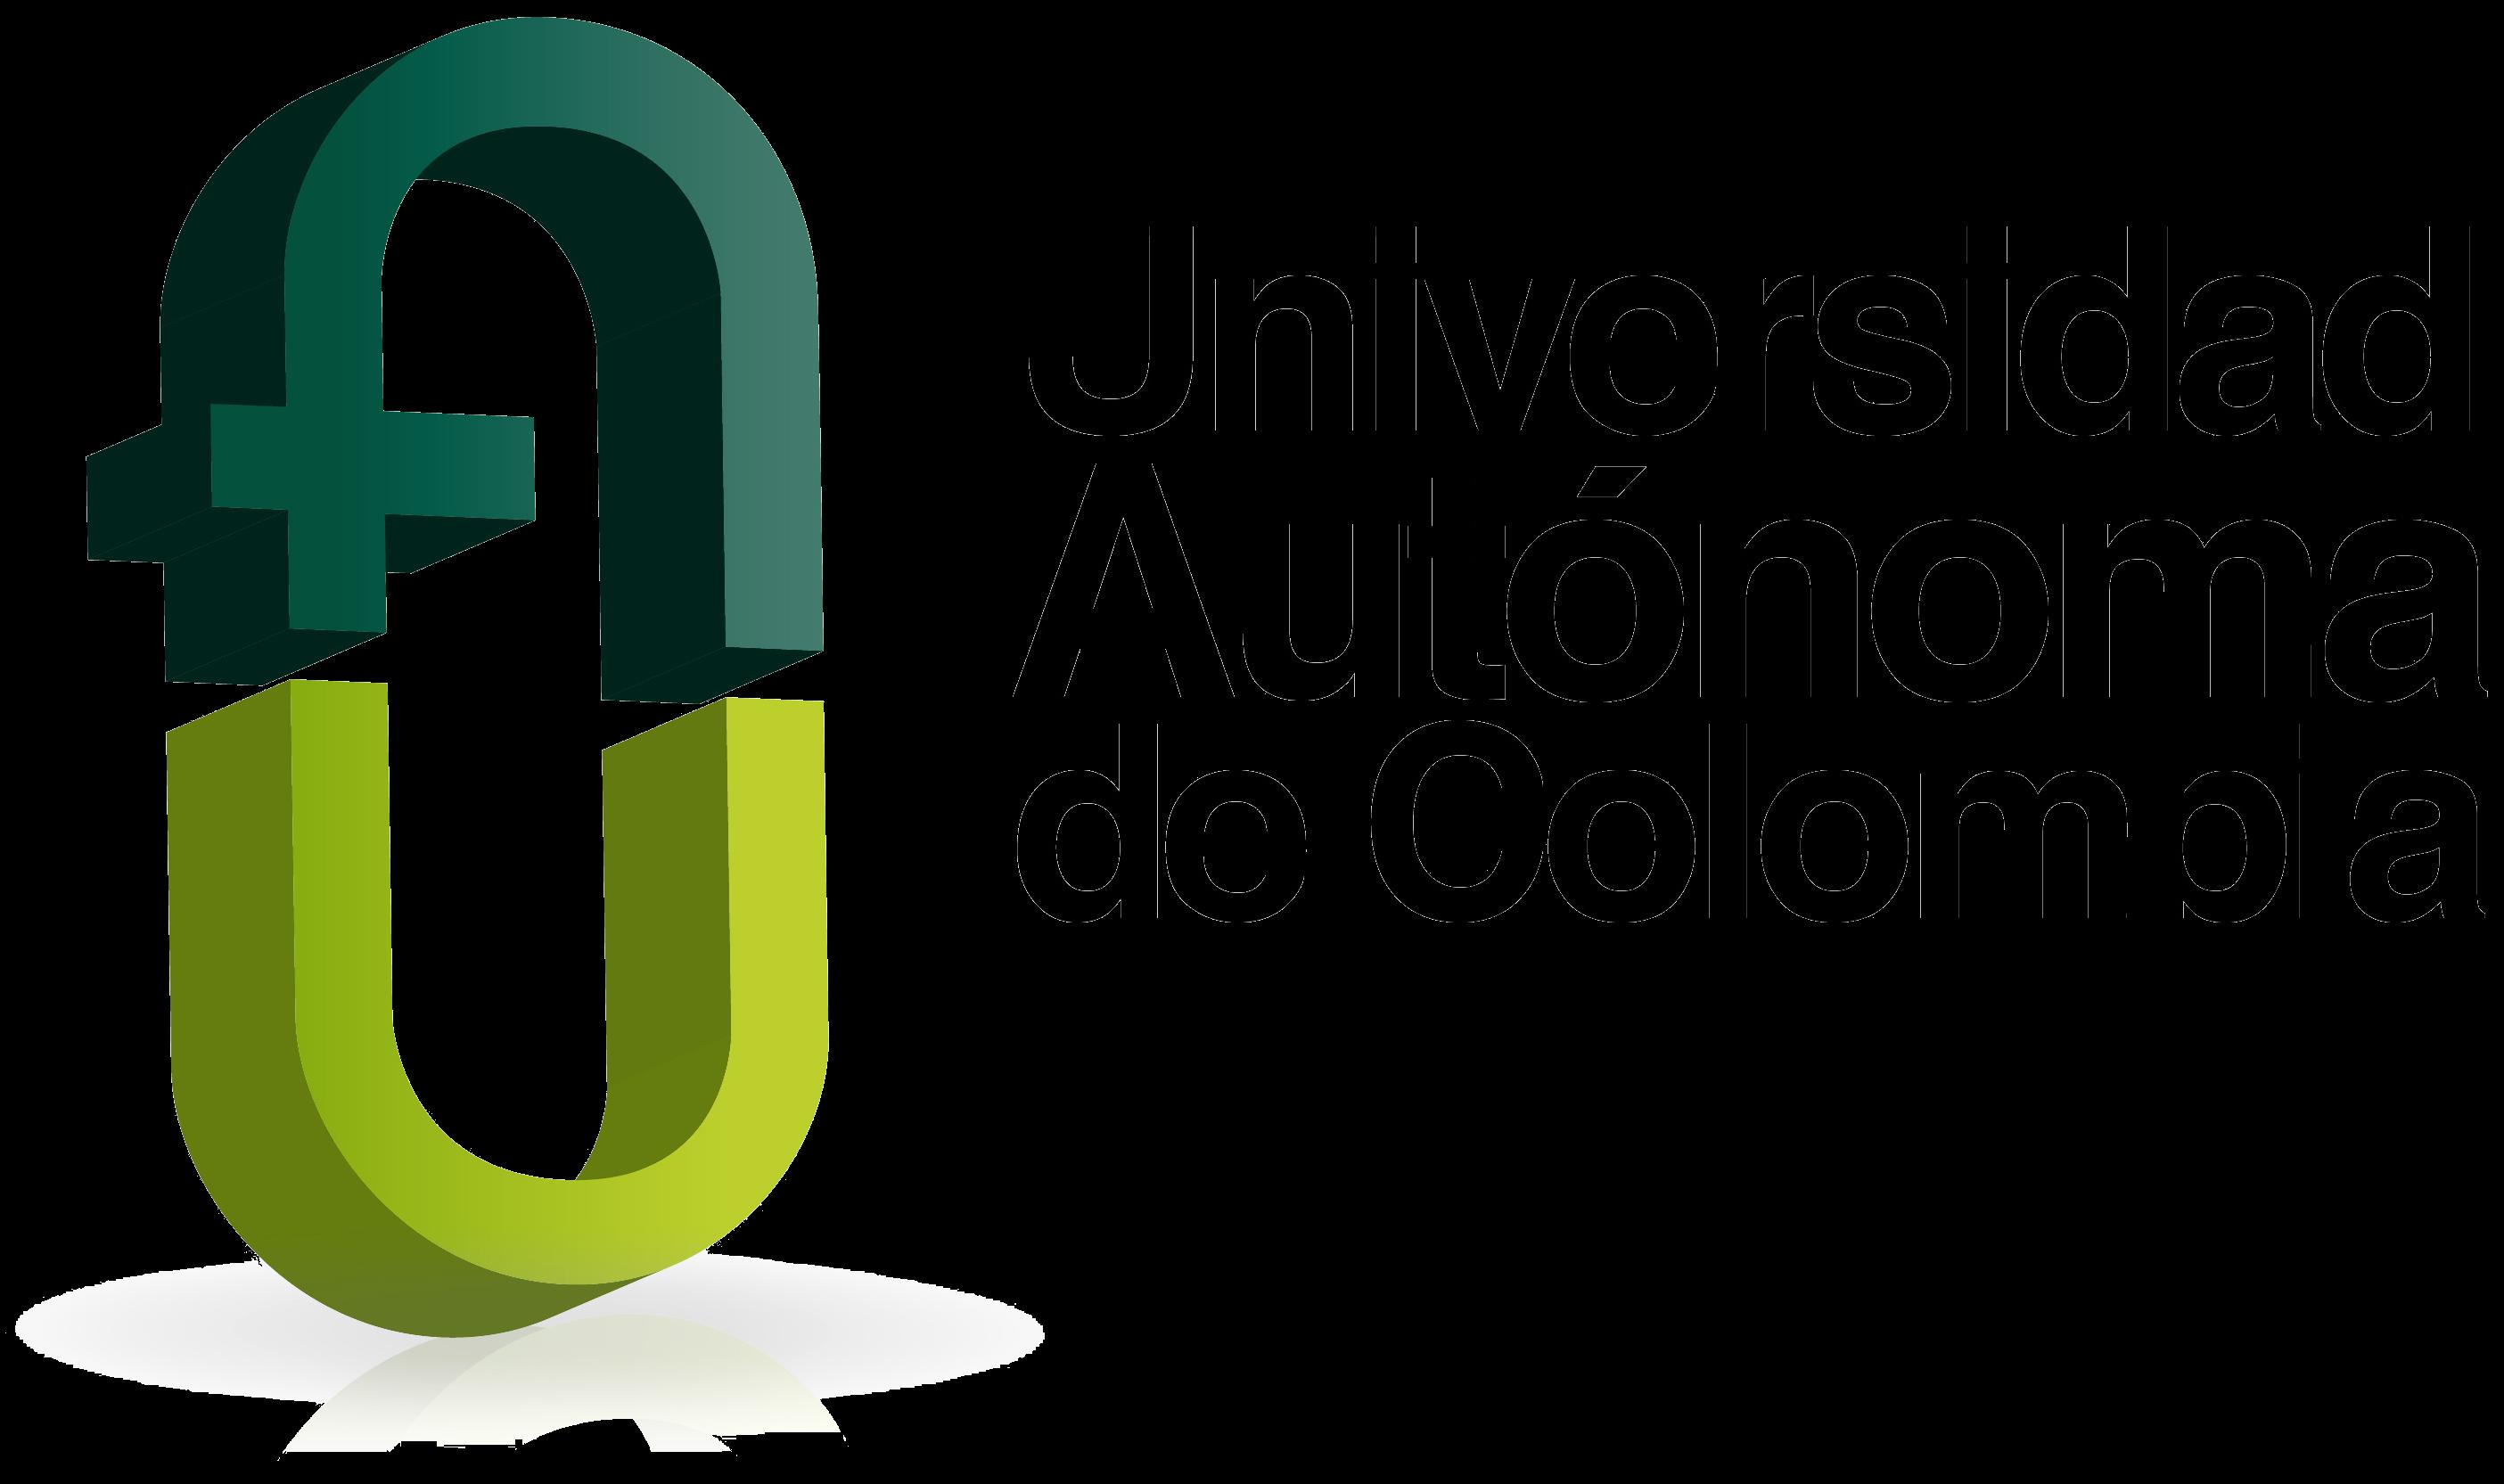 Logo Fundación Universidad Autónoma de Colombia